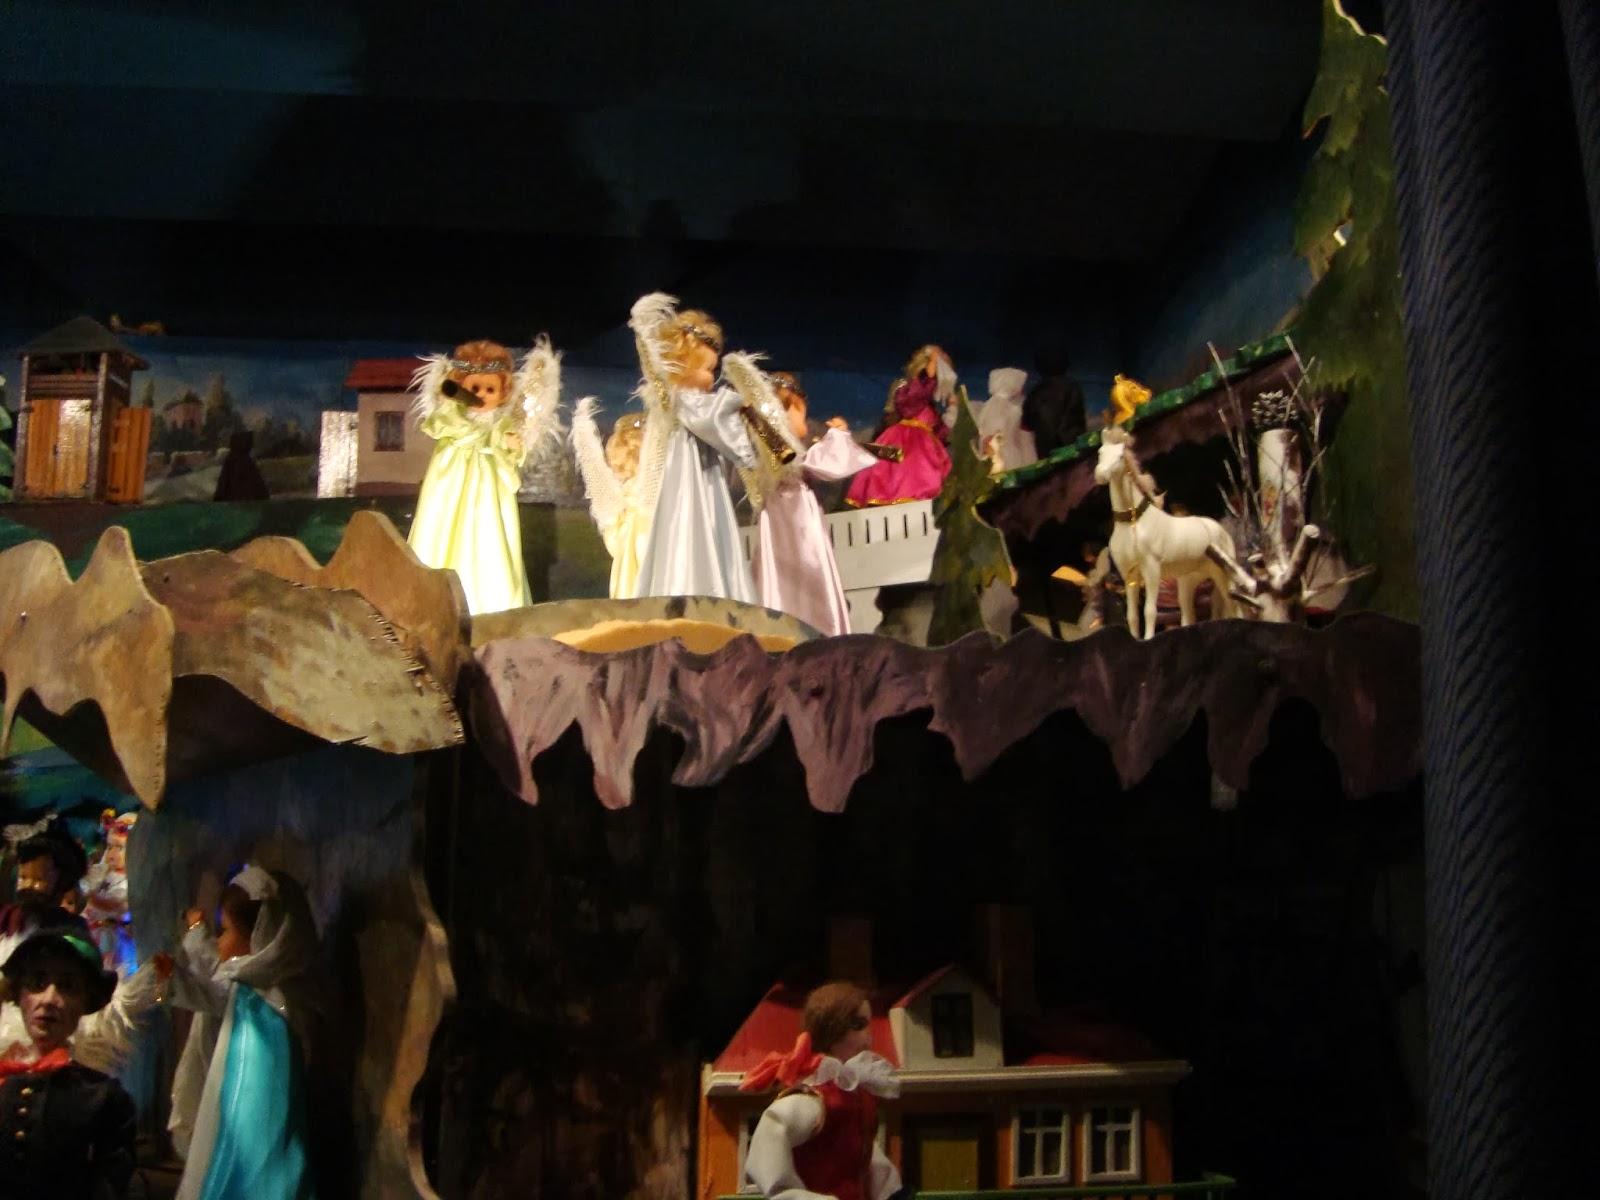 świąteczny toruń, ruchoma szopka, kościół św. Józefa, redemptoryści